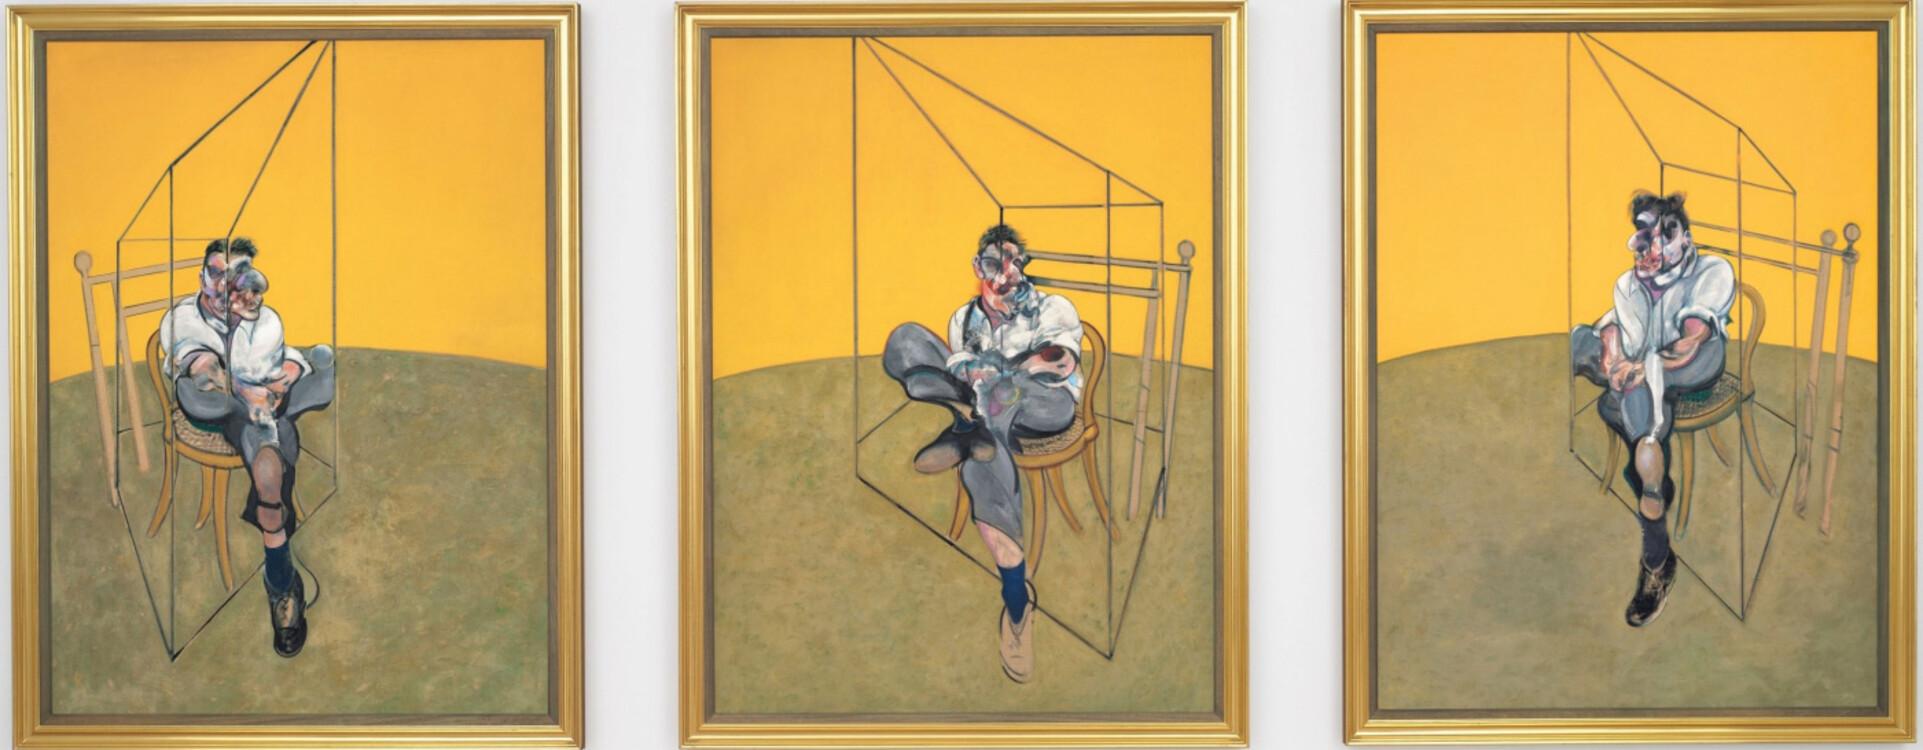 «Три наброска к портрету Люсьена Фрейда. Триптих», 1969 (Художественный музей, Портленд)